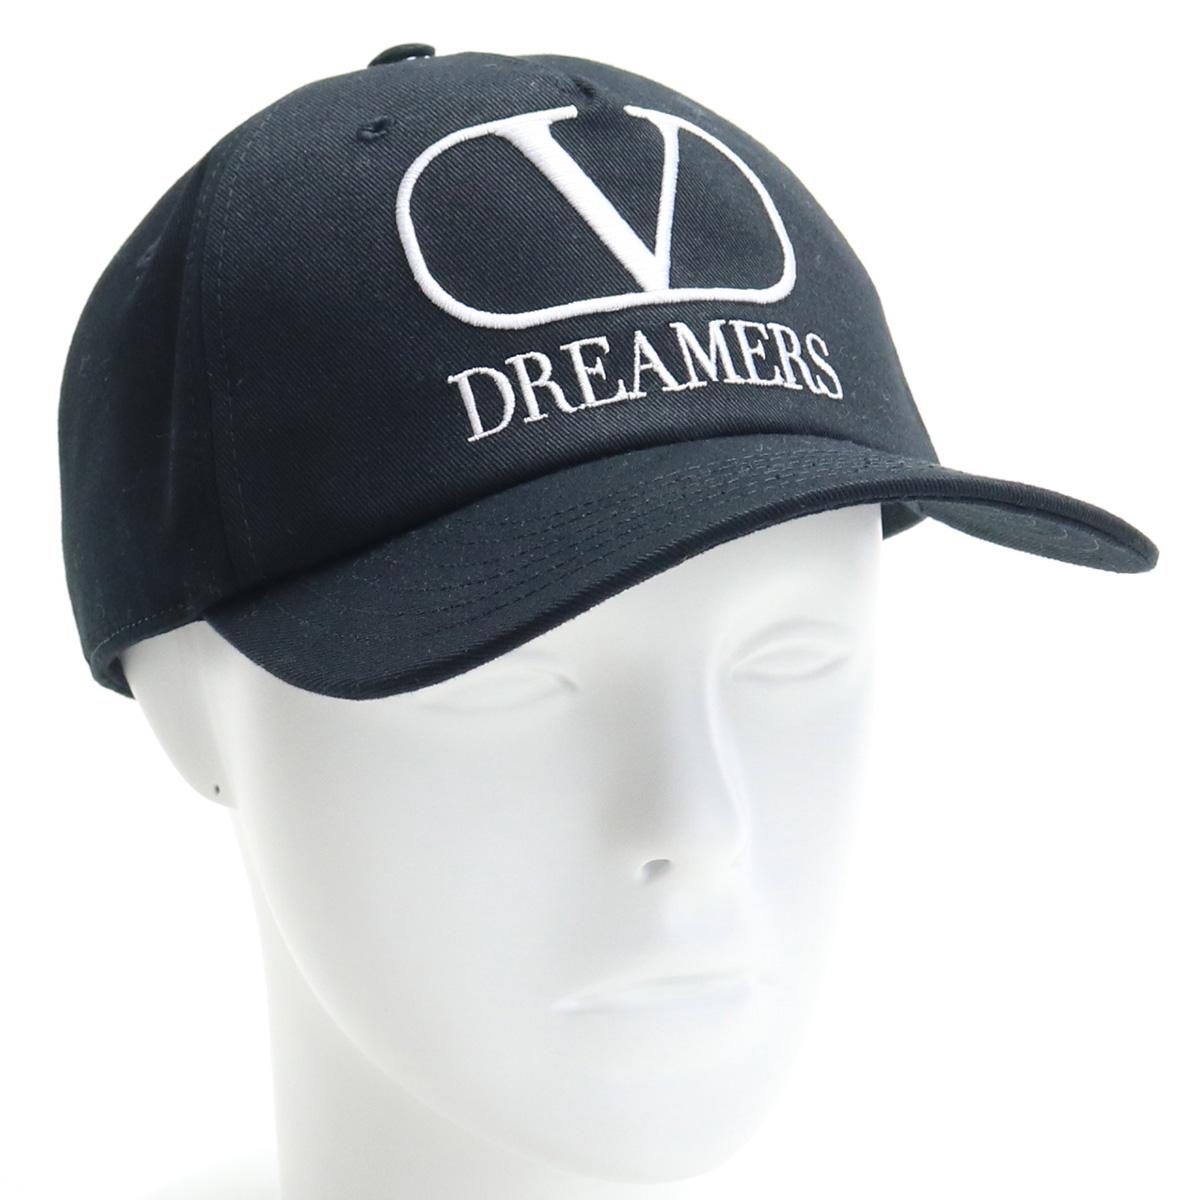 新作からSALEアイテム等お得な商品 満載 ※ 送料無料 ラッピング無料 ヴァレンティノ VALENTINO メンズ-キャップ 帽子類 KJC ブラック bos-18 TY0HDA10 0NI 往復送料無料 cap-01